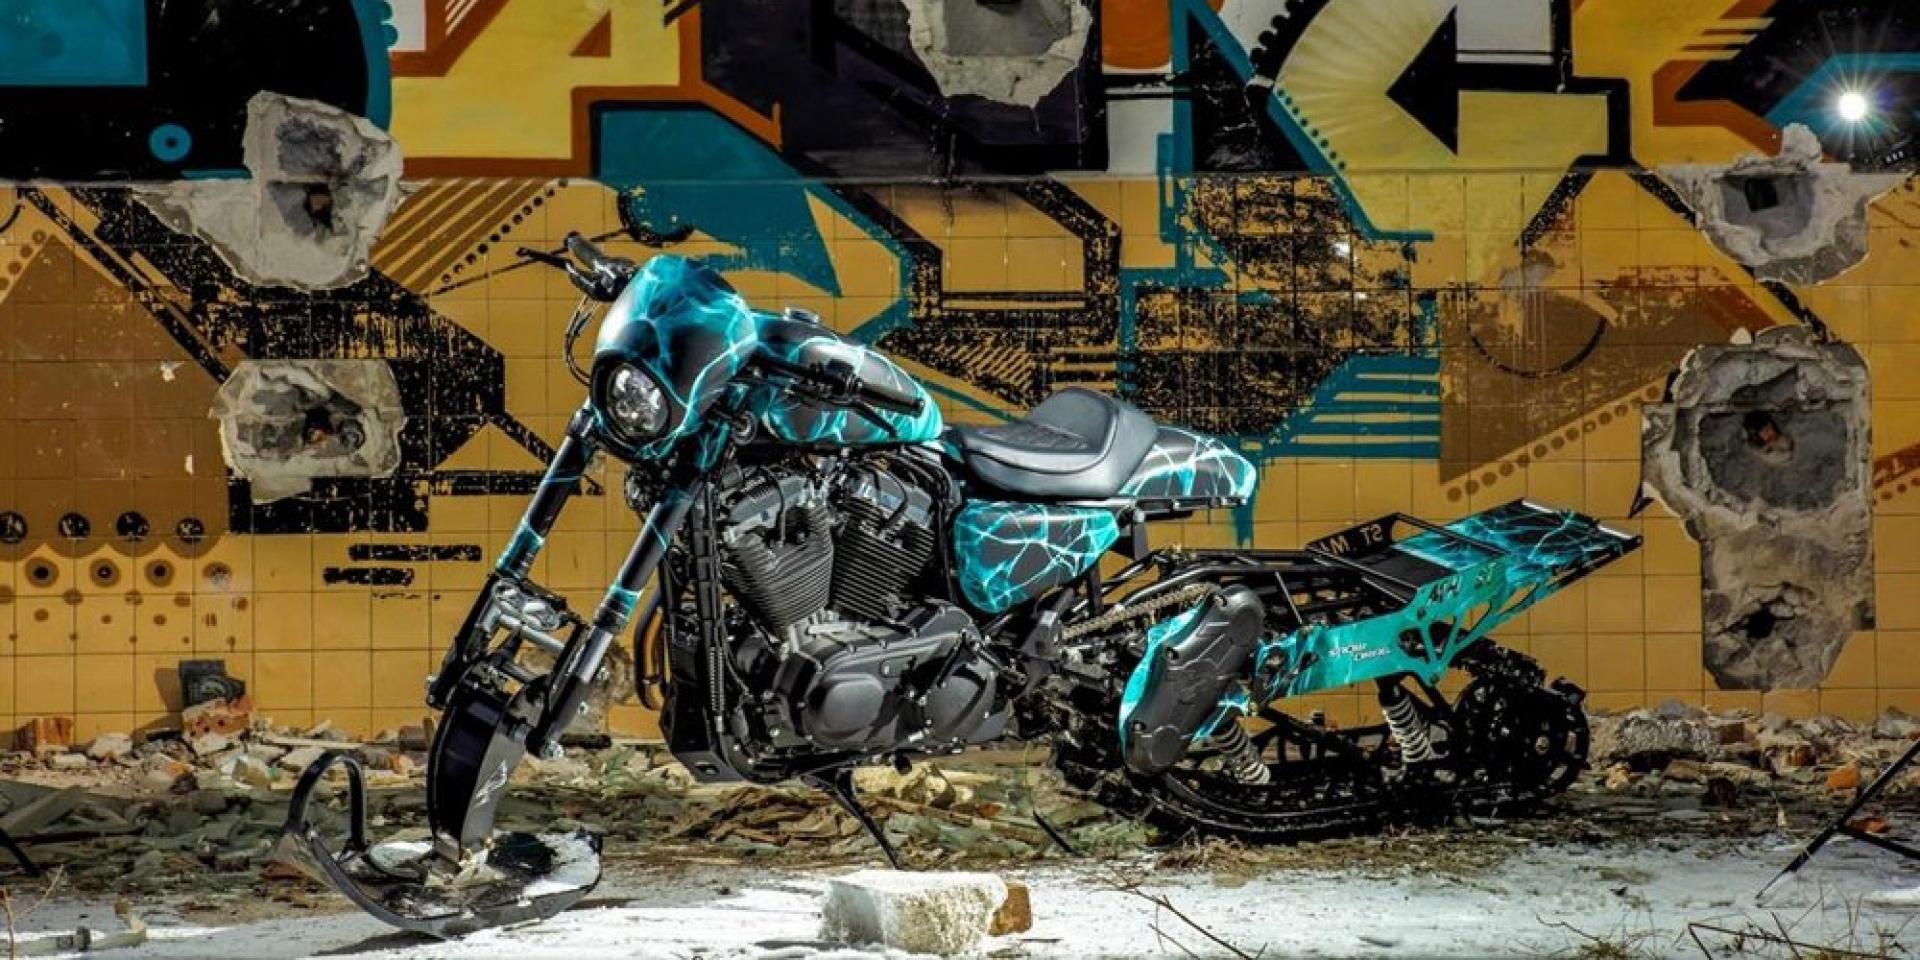 沒有一台哈雷是一樣的!Harley-Davidson XL1200 CX雪上特裝